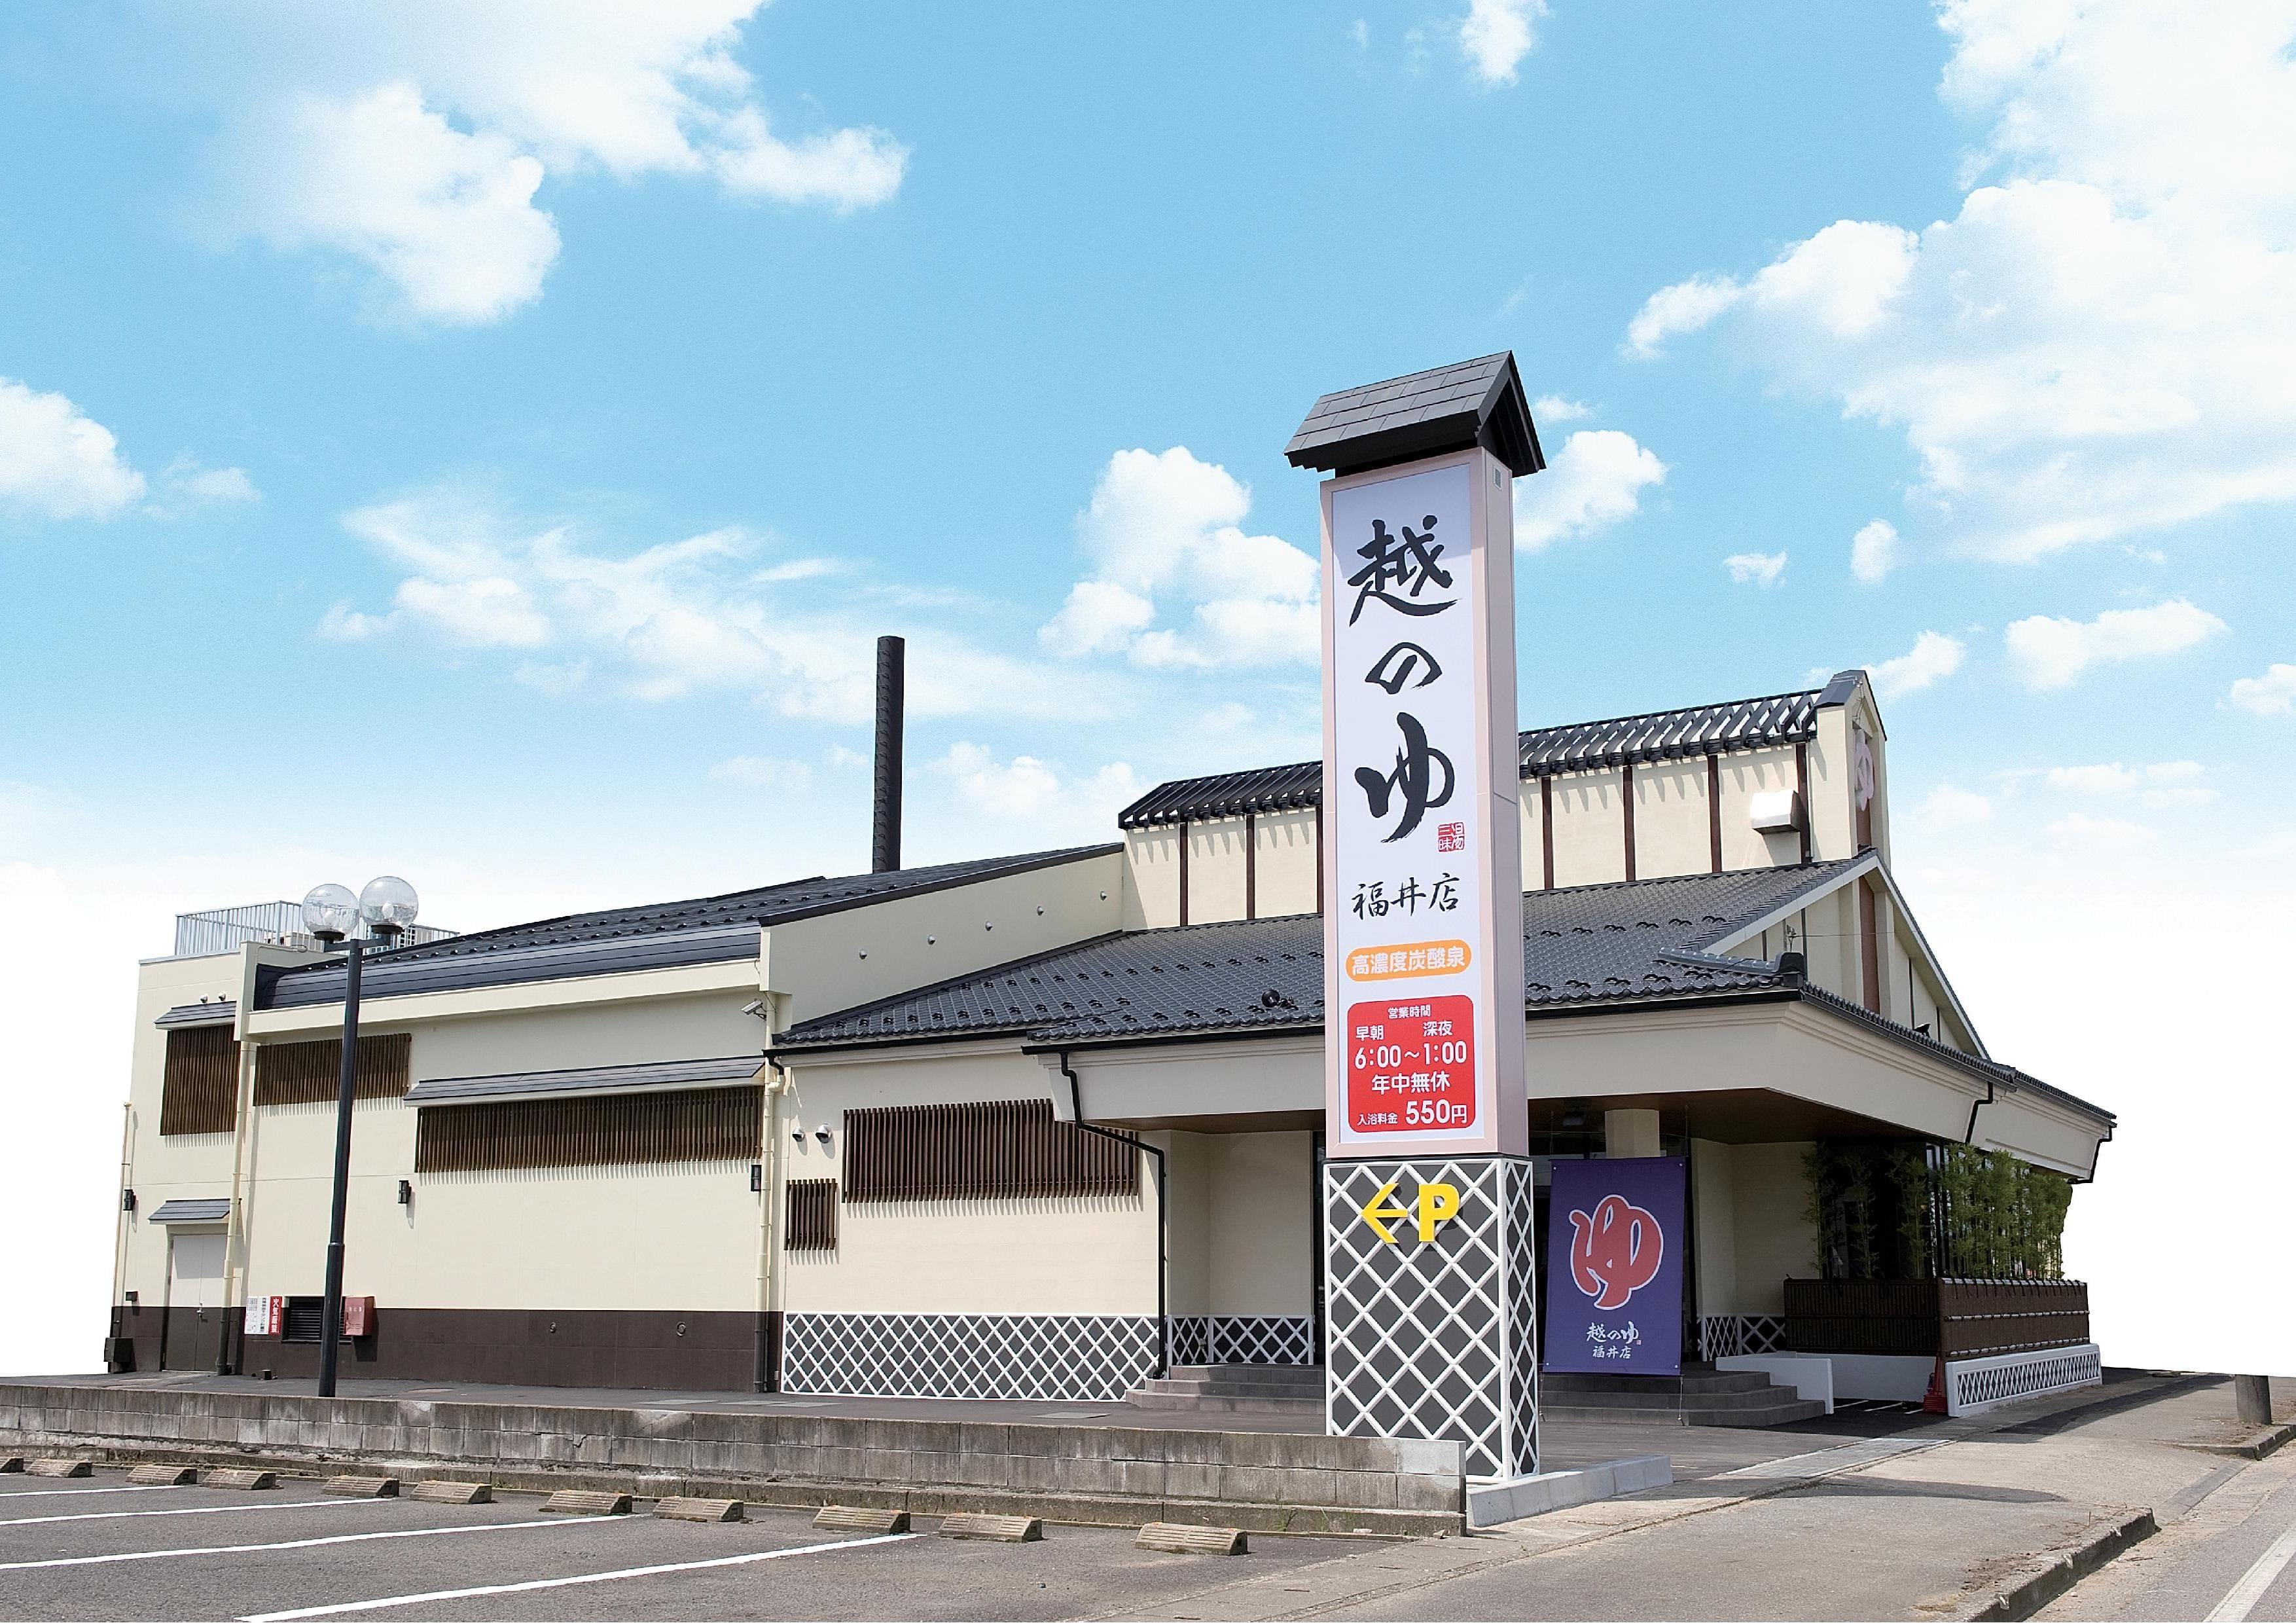 スーパー銭湯越のゆ福井店